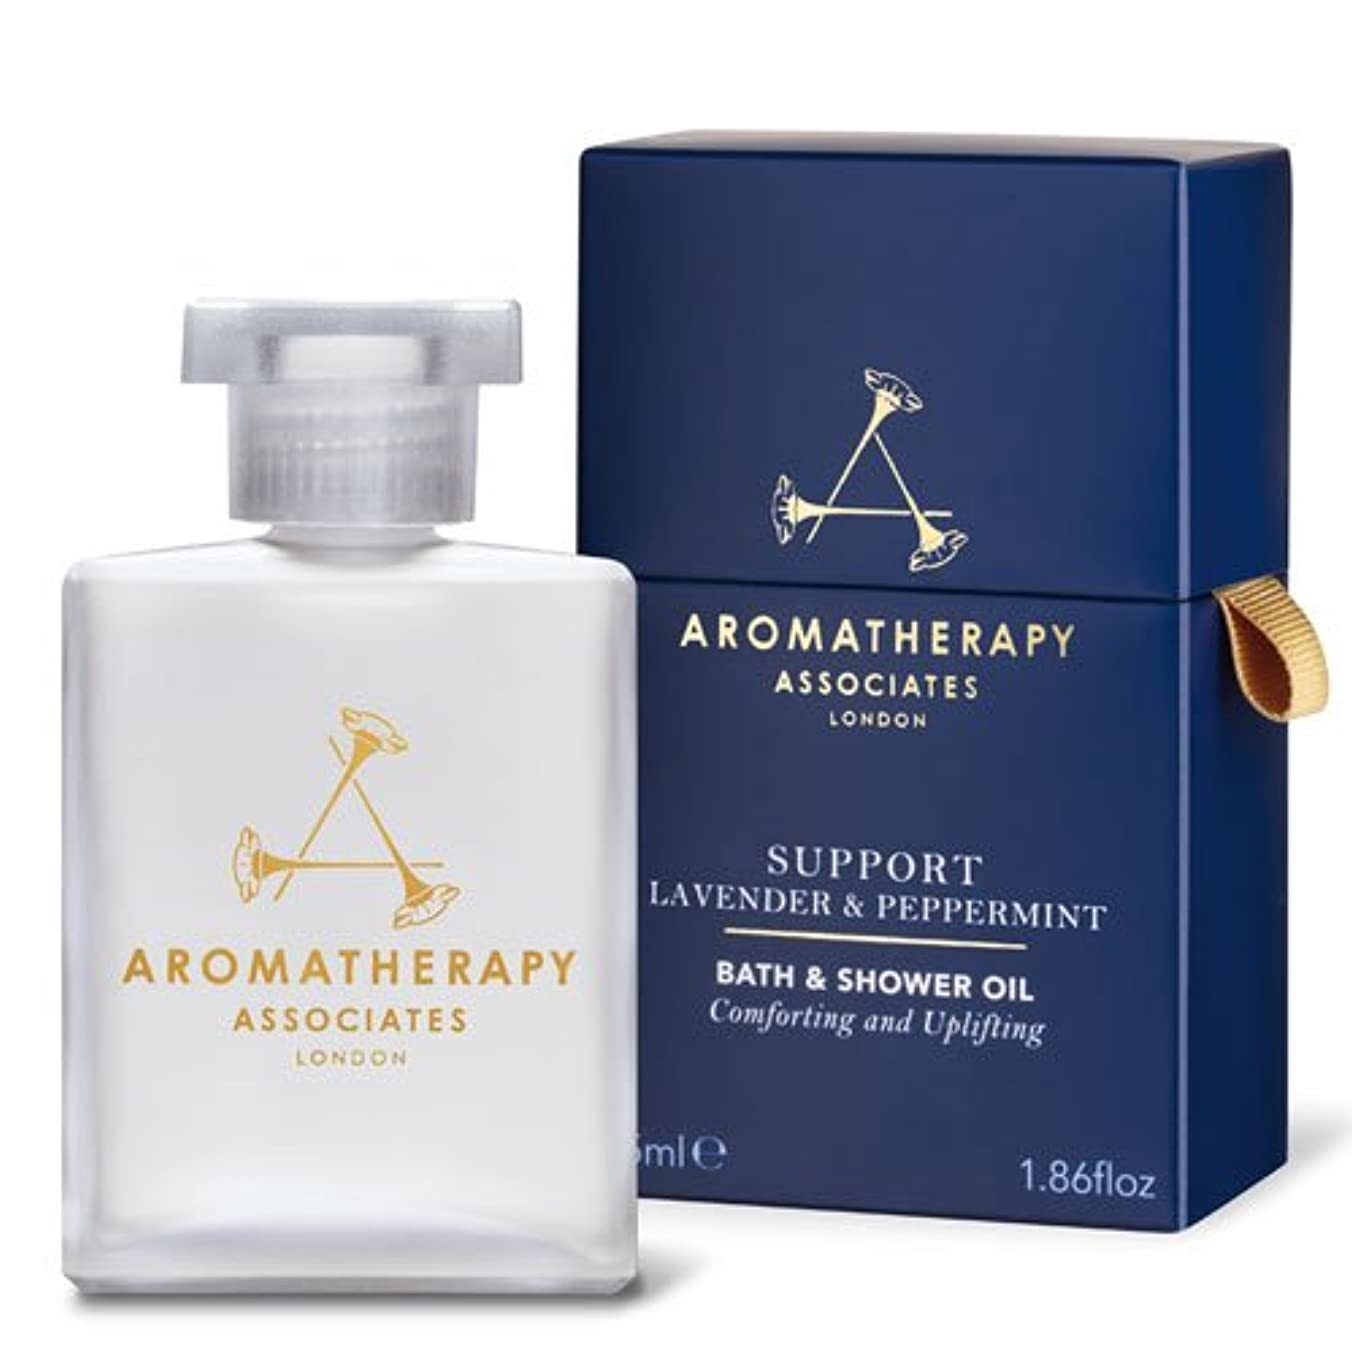 反毒飛行機影響力のあるアロマセラピー アソシエイツ Support - Lavender & Peppermint Bath & Shower Oil 55ml/1.86oz